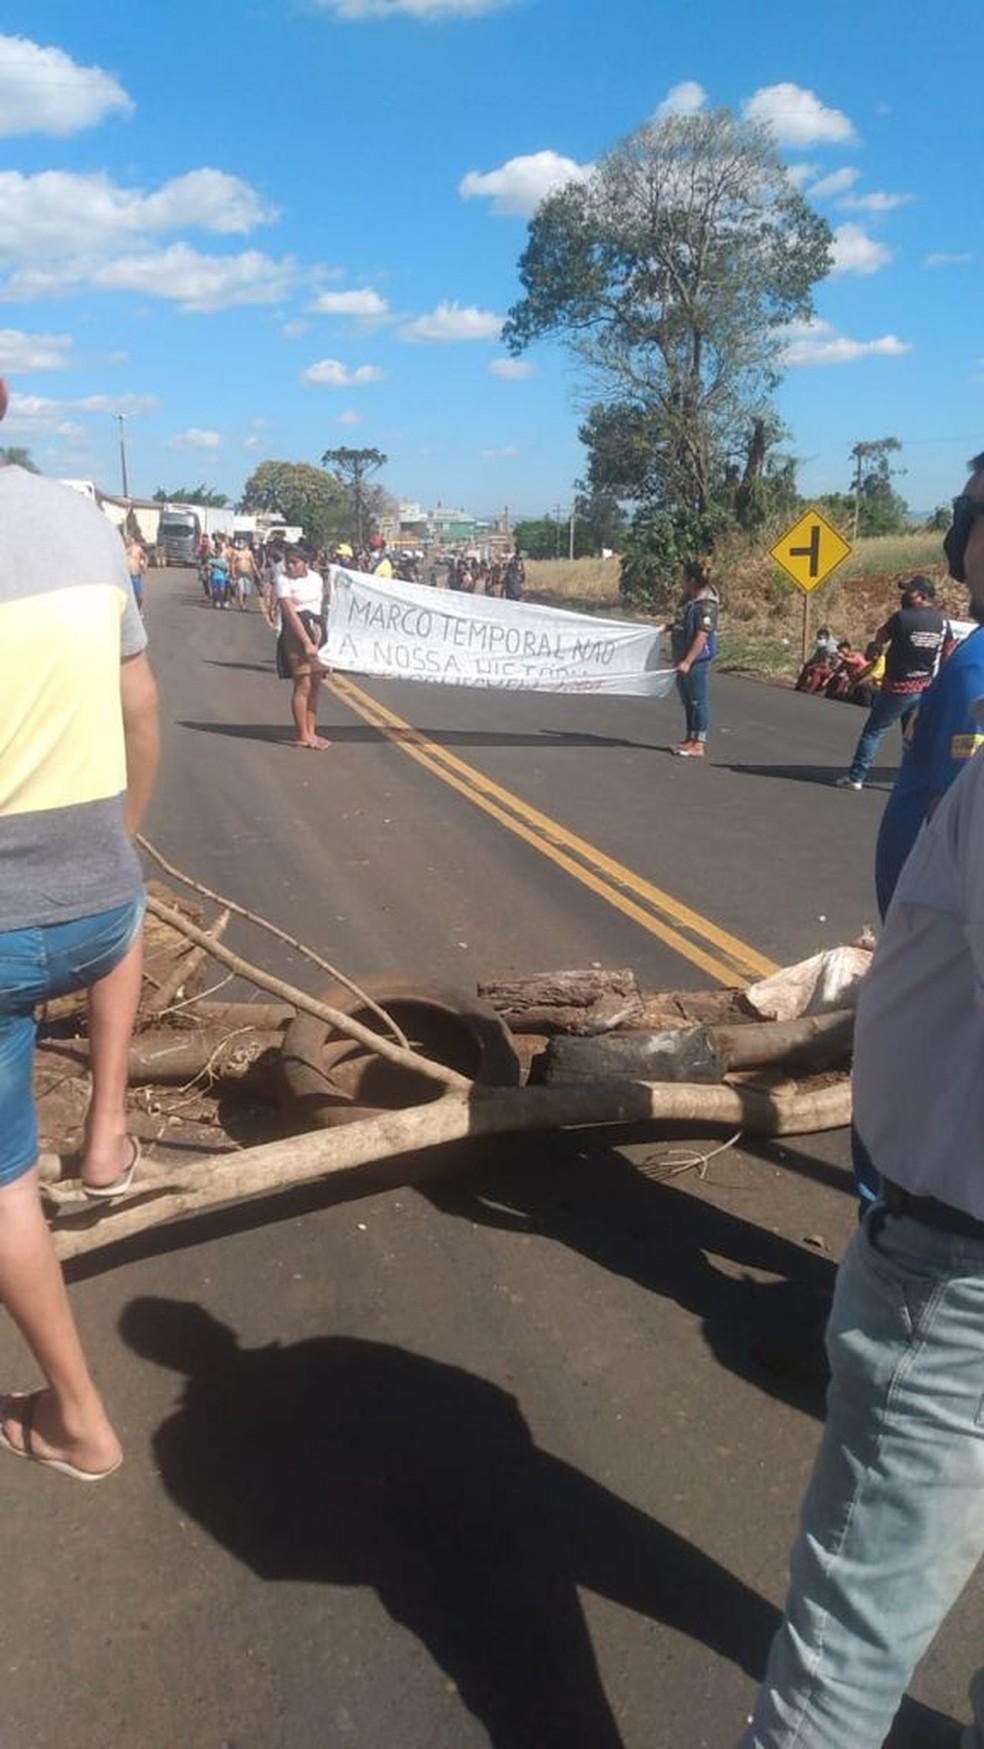 Na PR-445, no trecho de Tamarana, também houve protesto — Foto: Divulgação/PRE